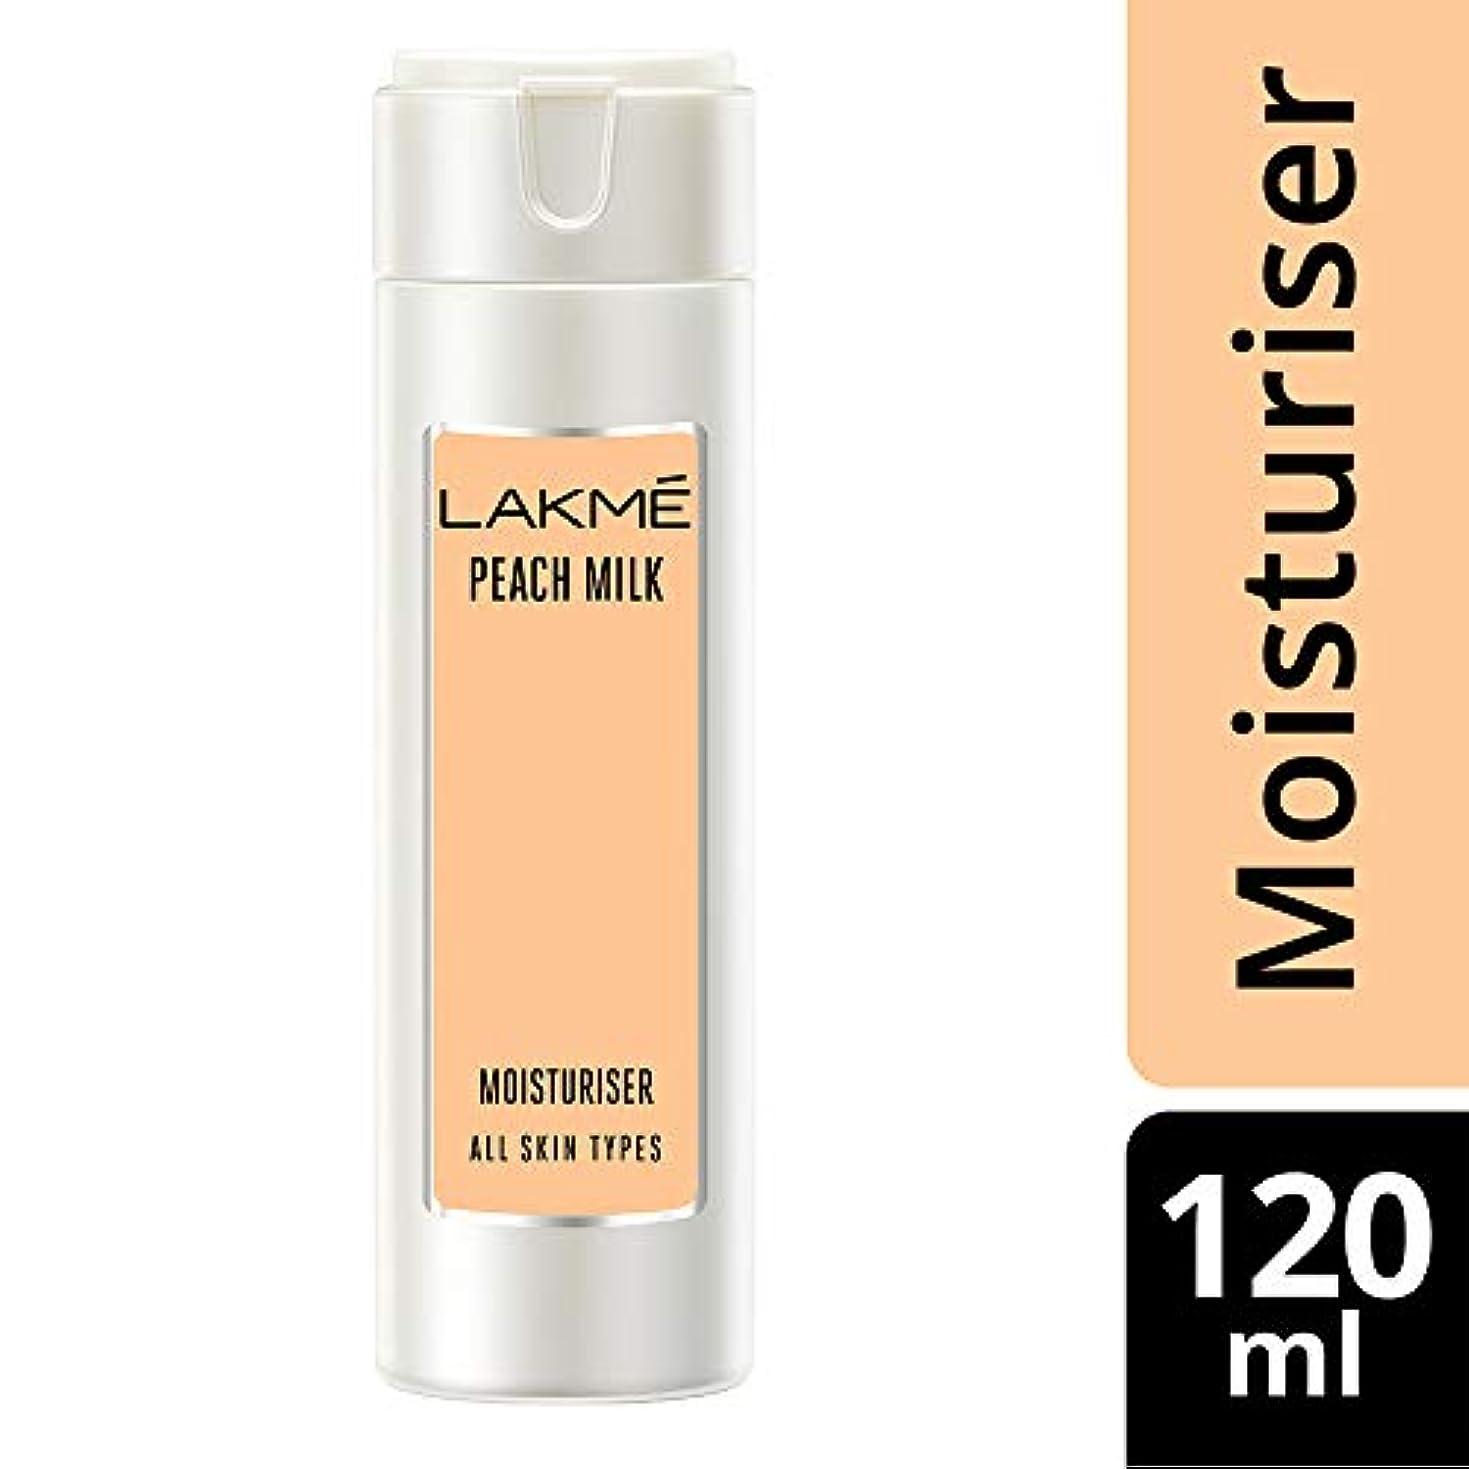 アドバンテージ死にかけている爆発Lakme Peach Milk Moisturizer Body Lotion, 120ml